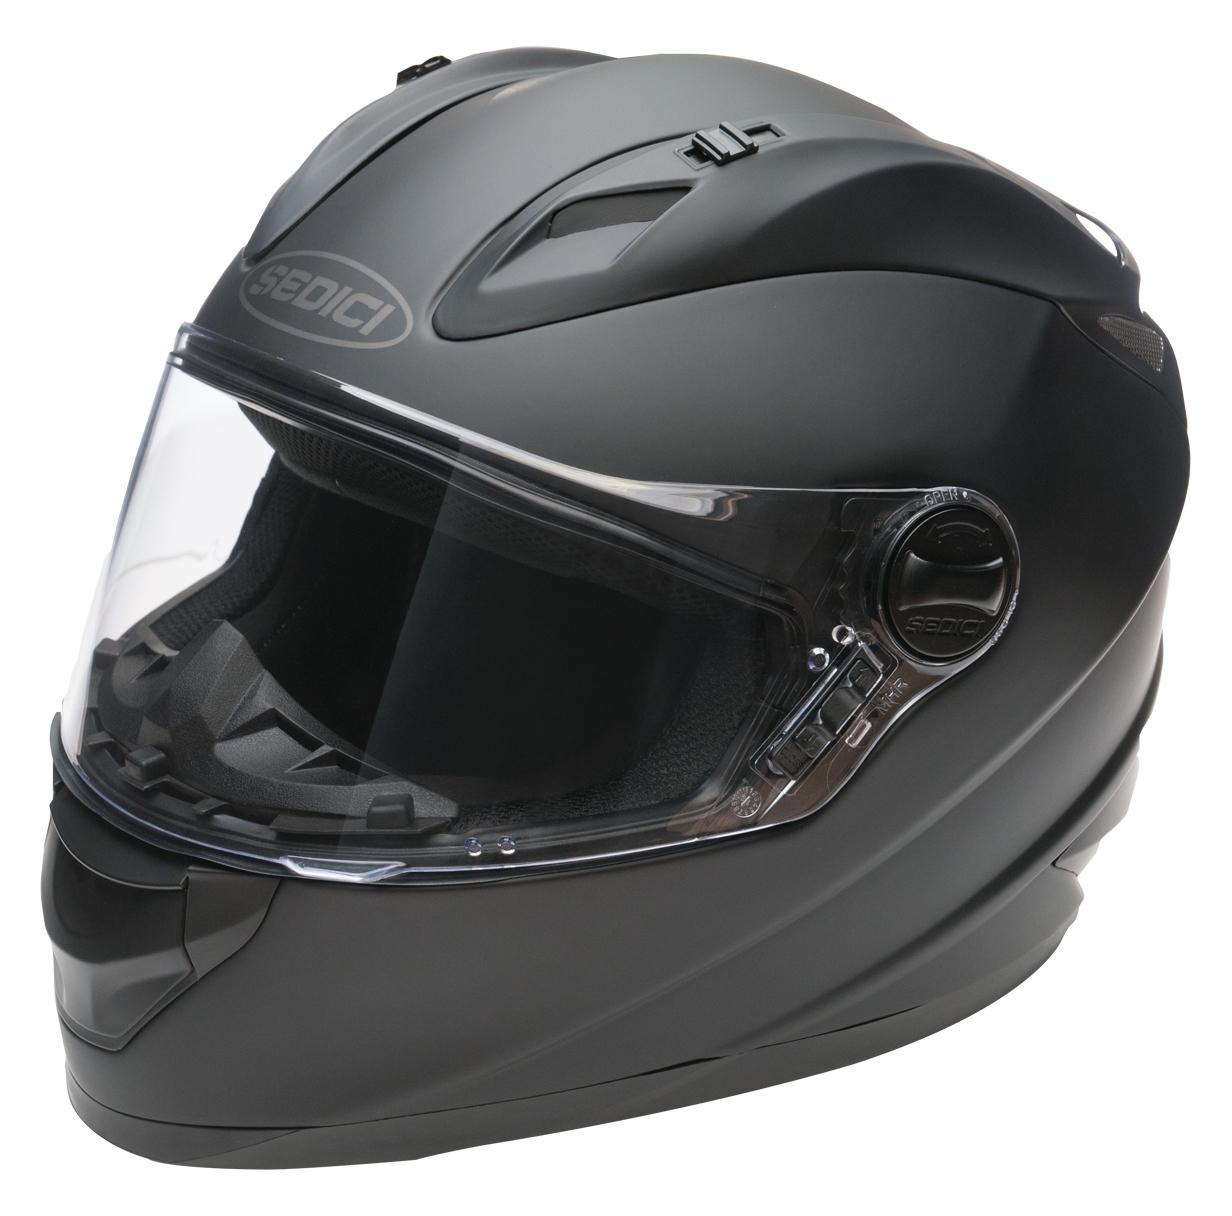 Sedici Strada Primo Helmet Cycle Gear